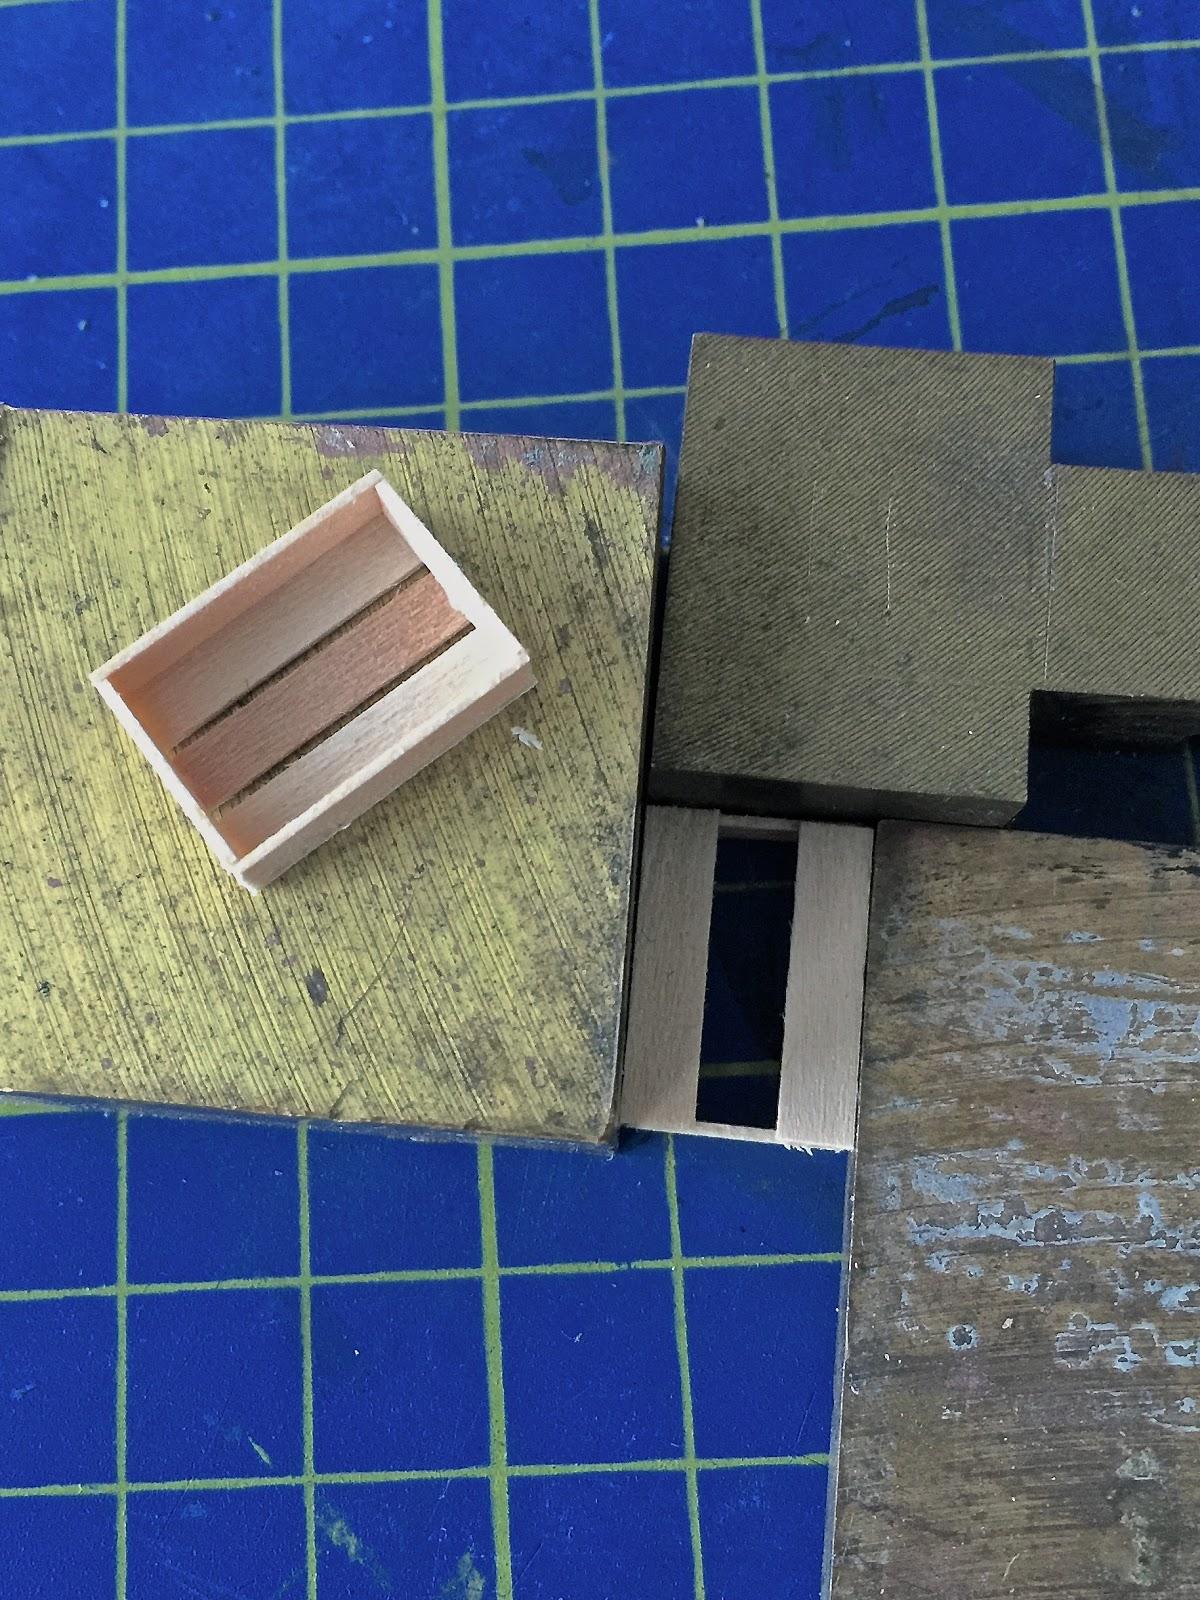 vom leben gezeichnet von marcel ackle gebaut kleiner. Black Bedroom Furniture Sets. Home Design Ideas